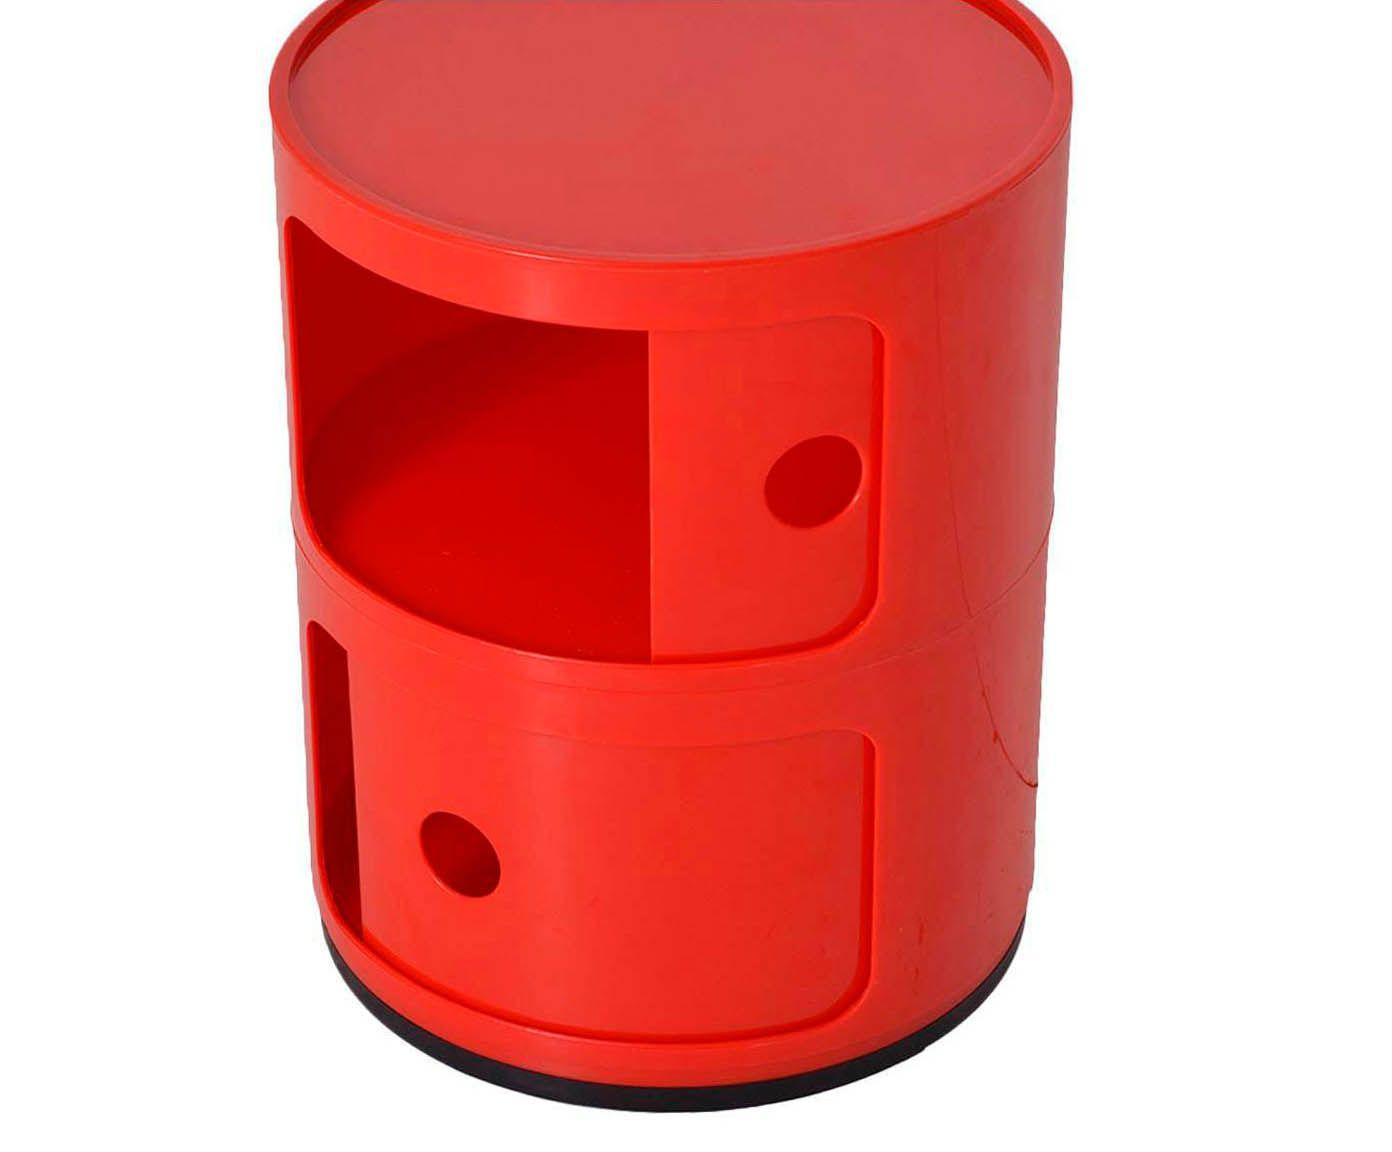 Porta-Objetos Tube - Vermelho   Westwing.com.br